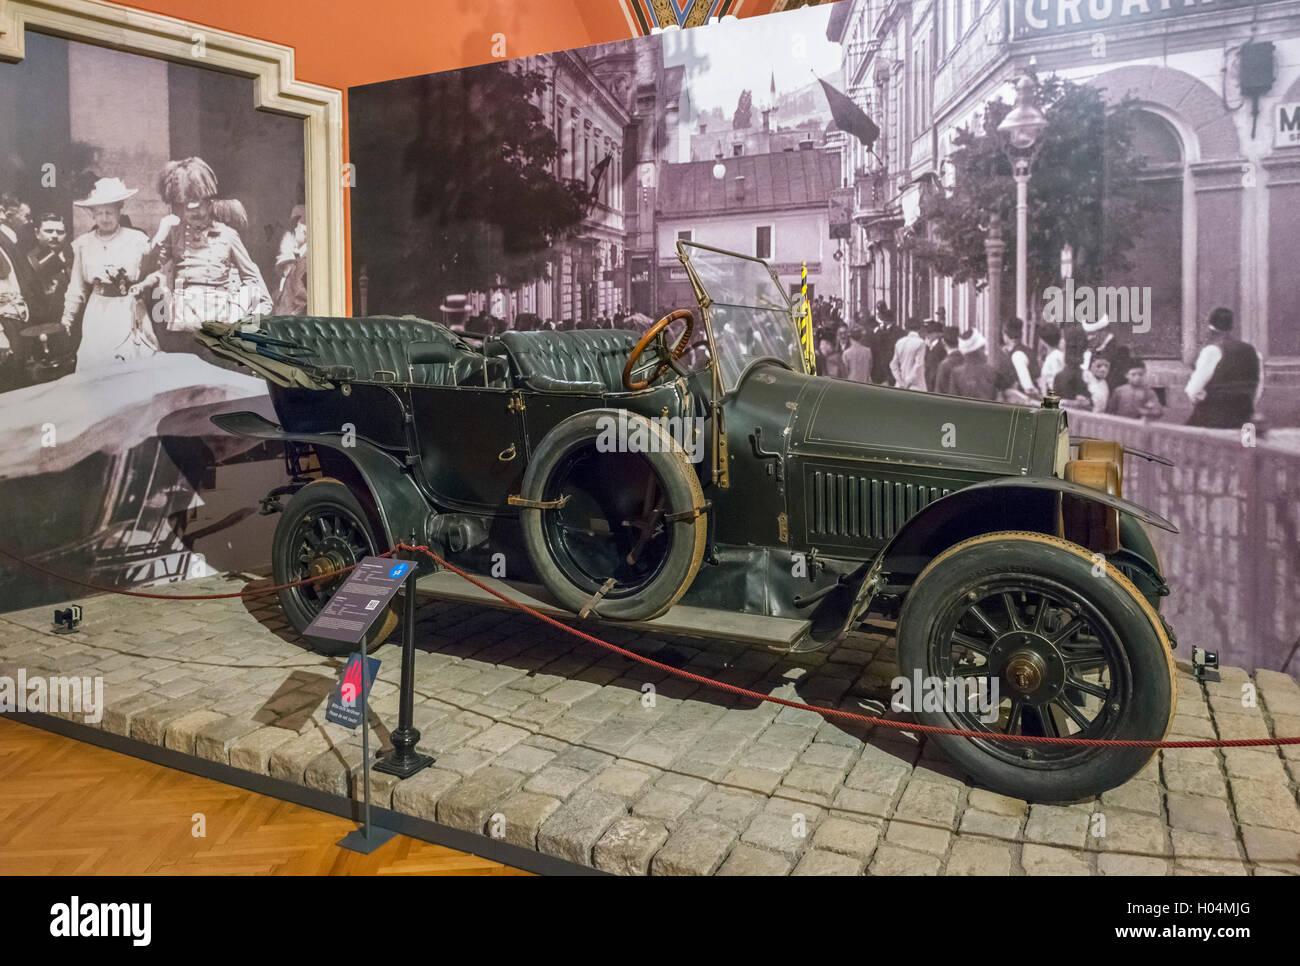 Auto in cui arciduca Francesco Ferdinando era in viaggio quando è stato assassinato da Gabriel Princip a Sarajevo Immagini Stock